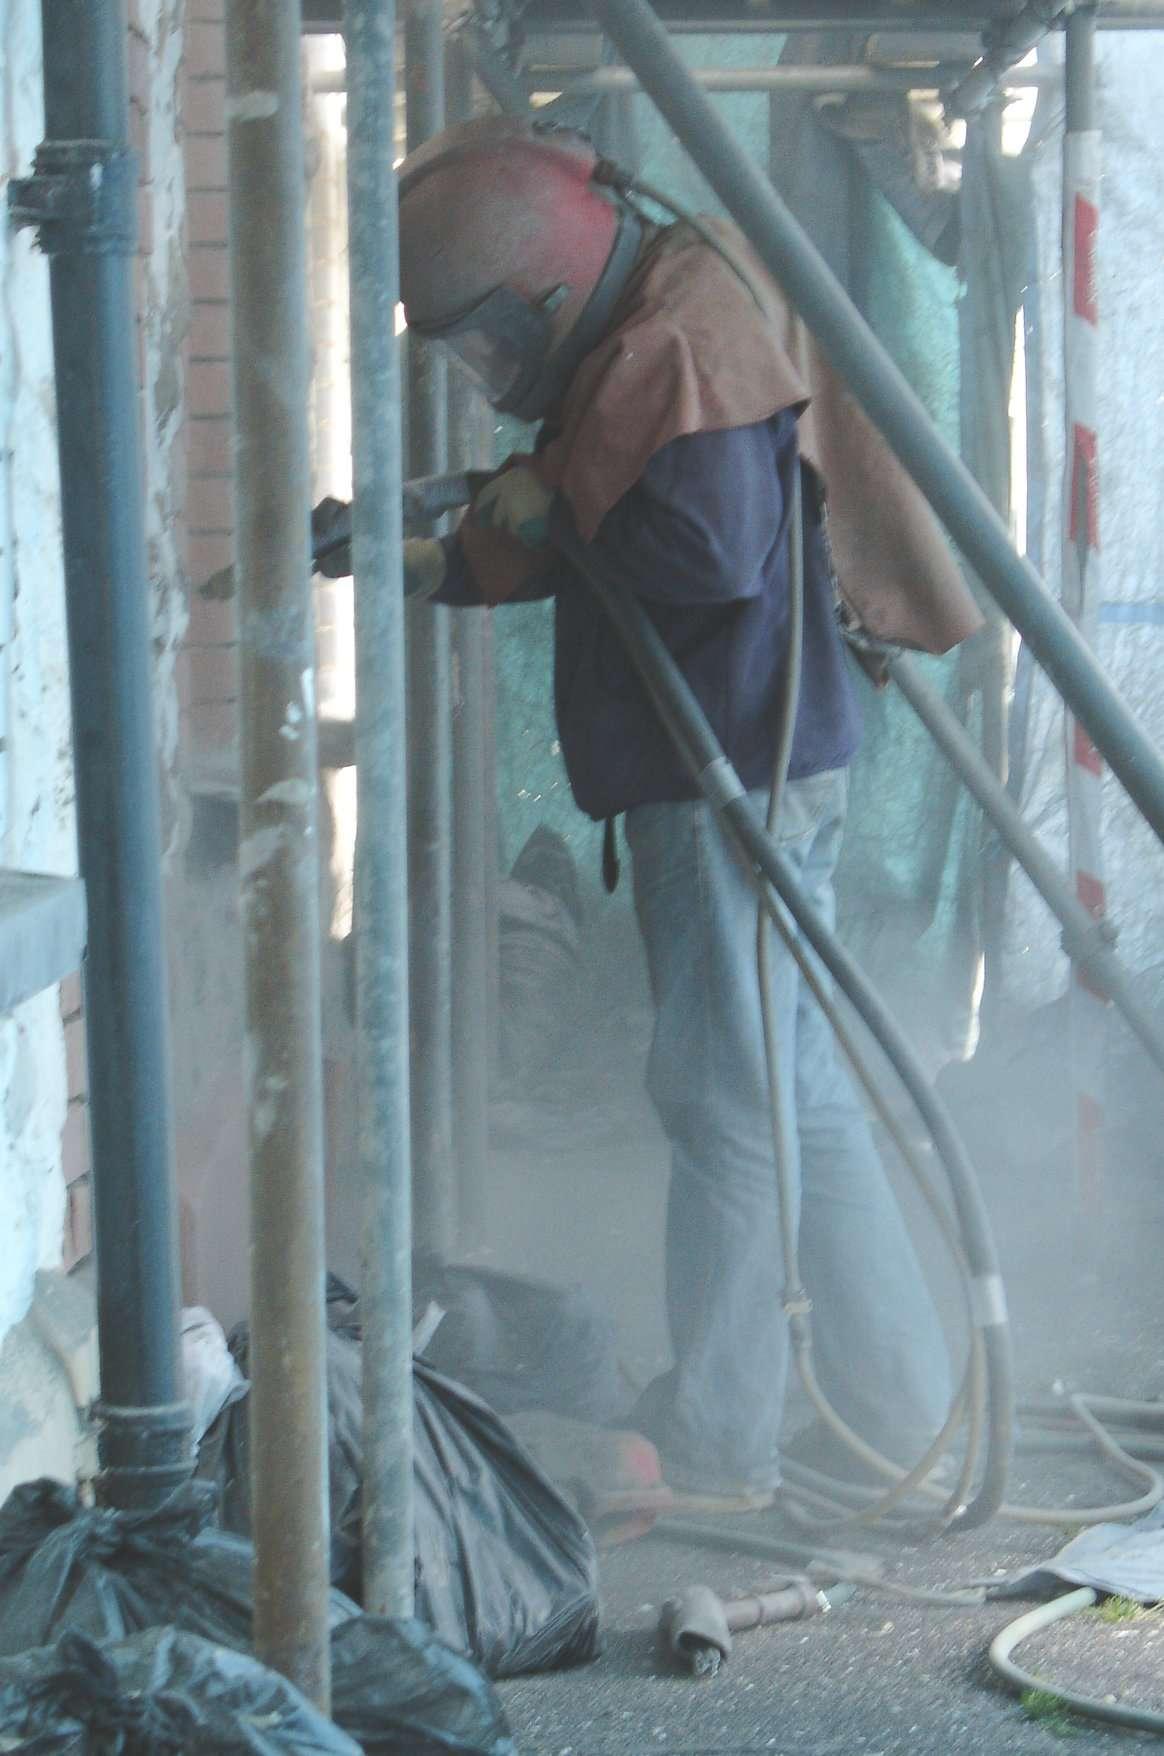 Le sablage est une technique agressive qui concerne les murs très encrassés. © Stan Zurek, Wikimedia Commons, CC BY-SA 3.0